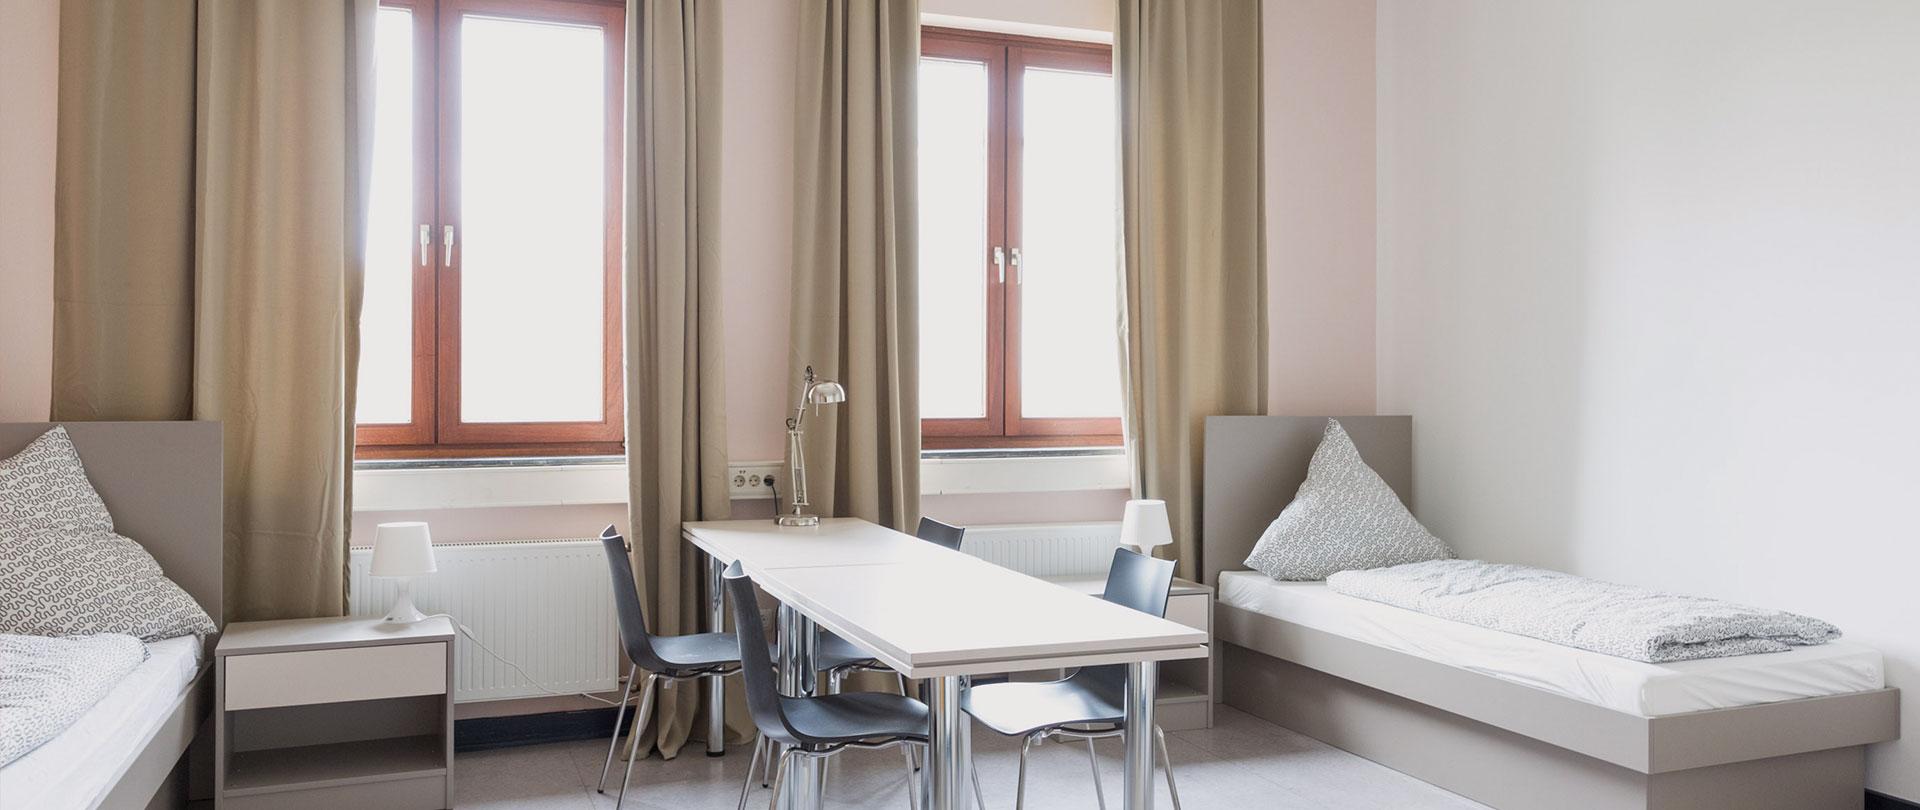 Gewerbepark Siegerland Boardinghaus Unterkunft Zweibettzimmer